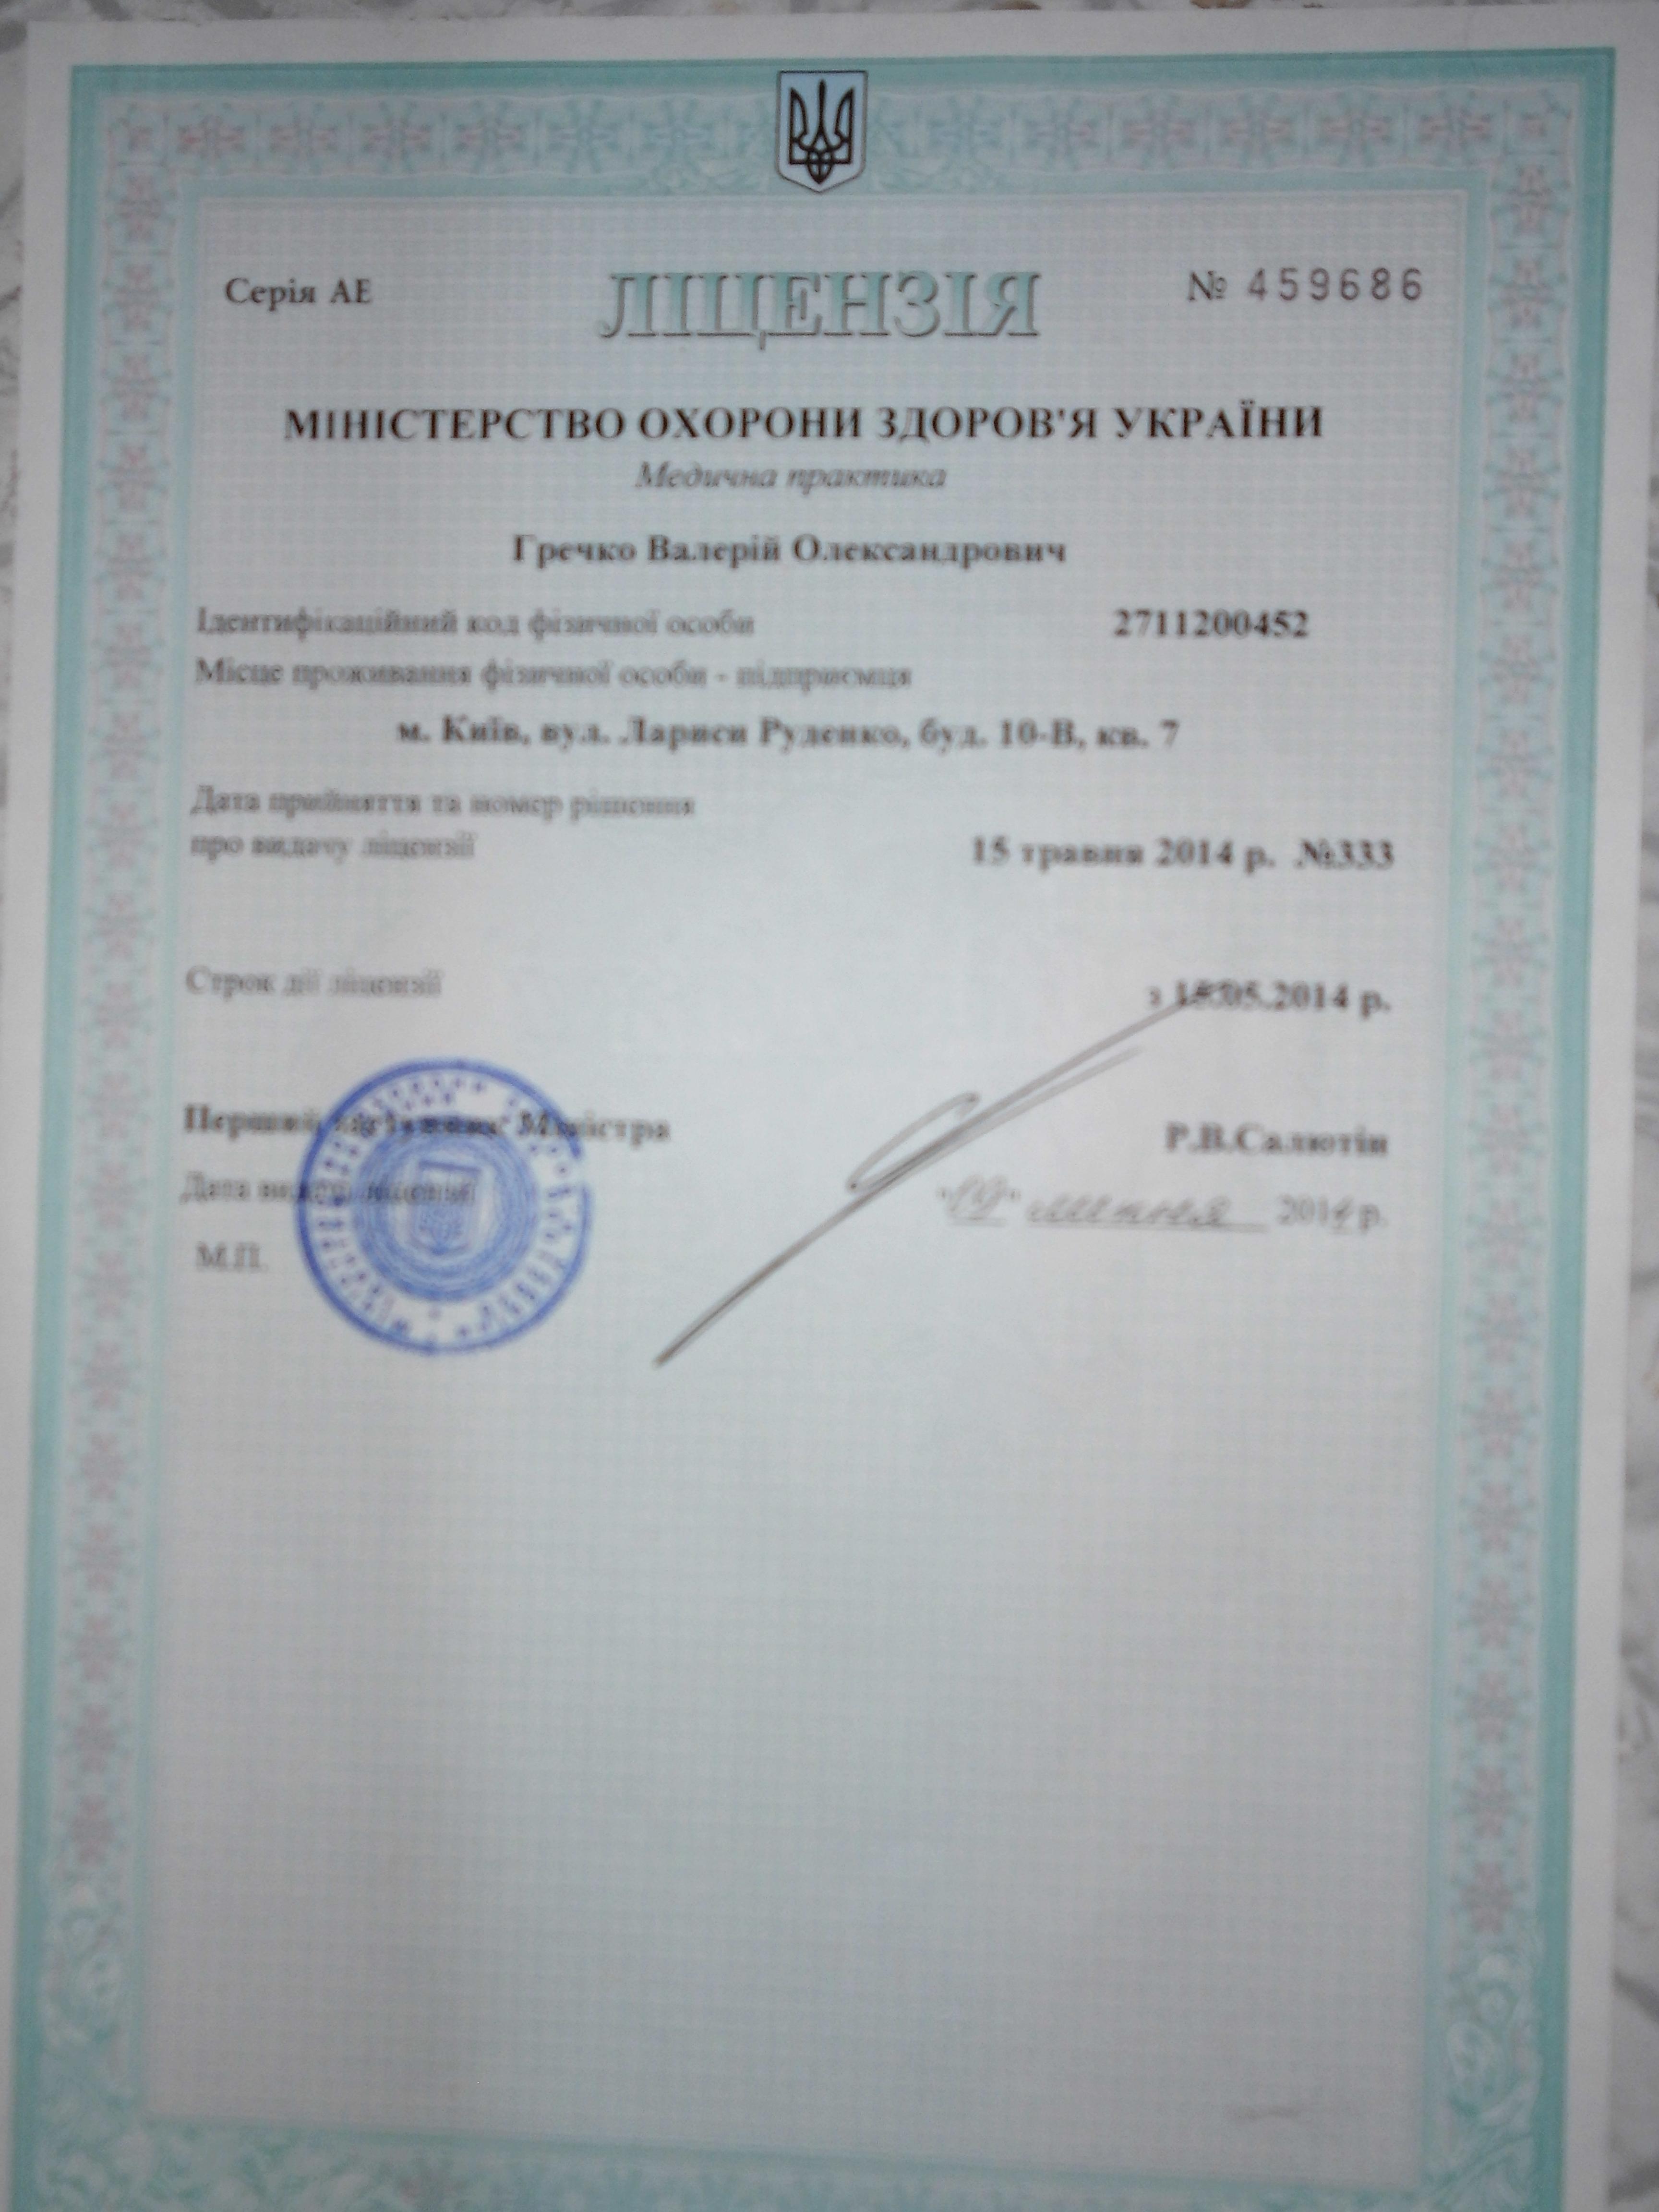 Гречко В. А. - медицинская лицензия